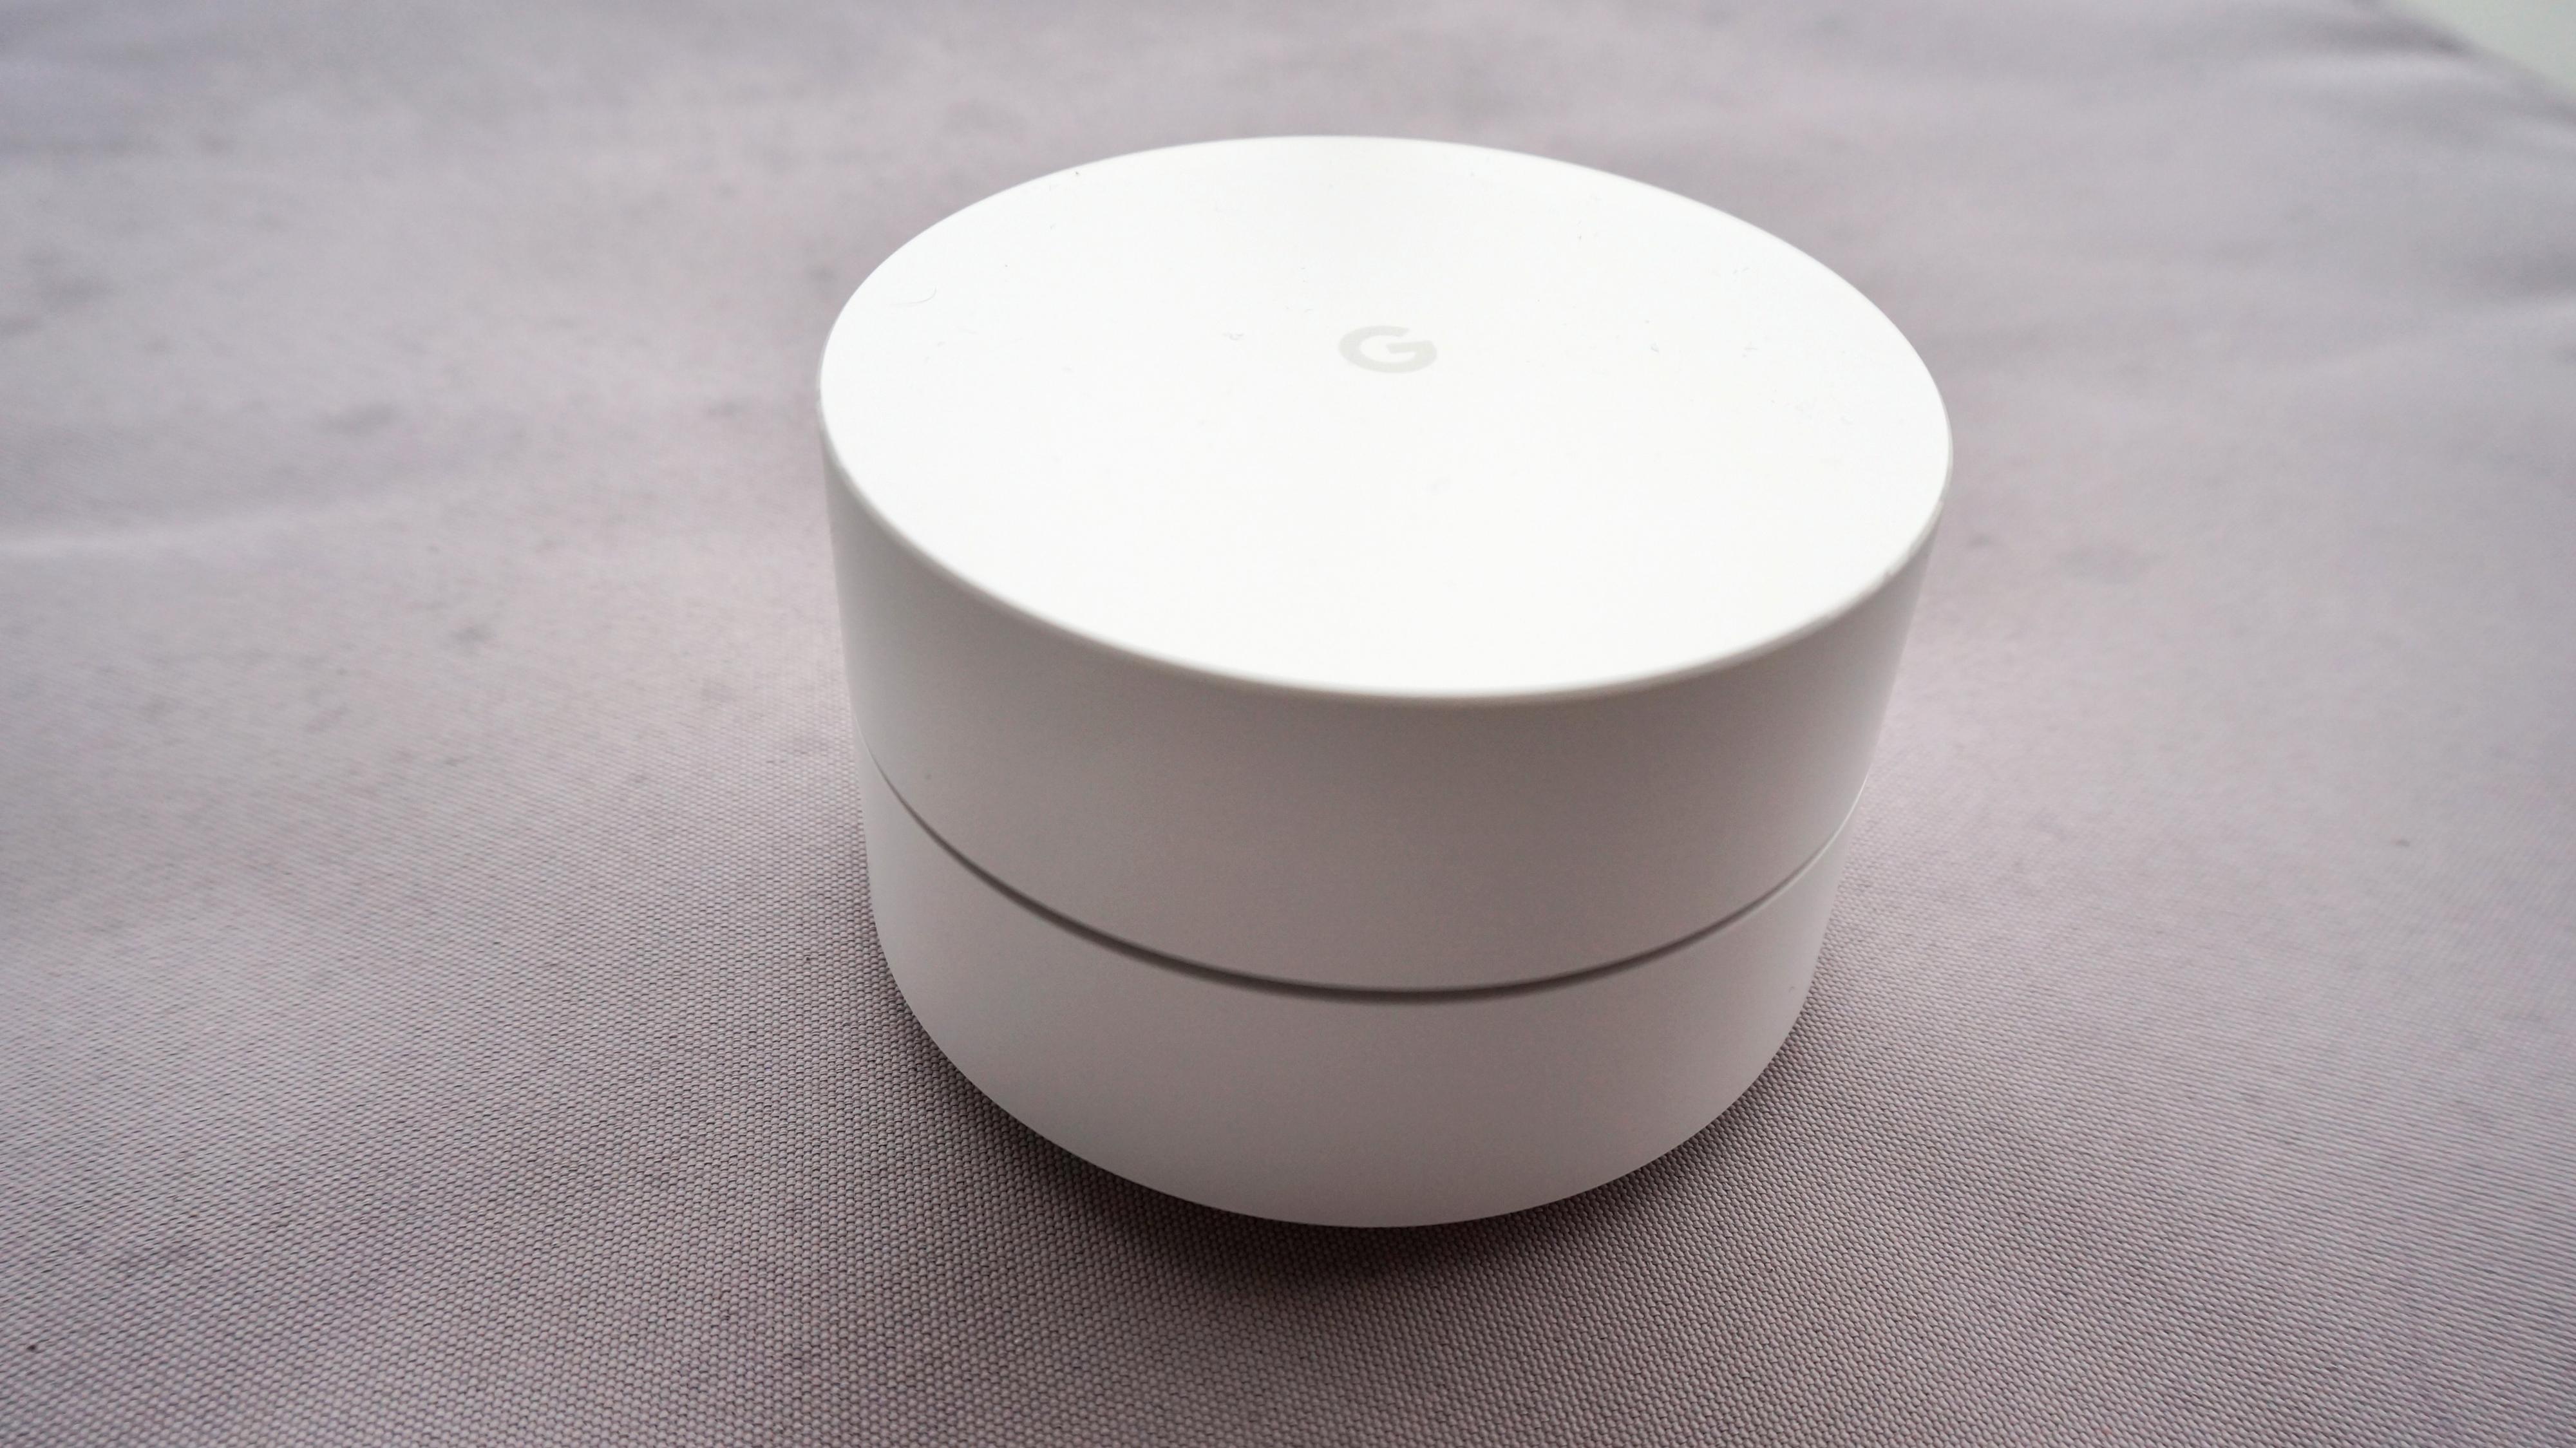 Sjelden har vi opplevd et produkt som gjør det så enkelt å få frustrasjonsløs wifi hjemme.